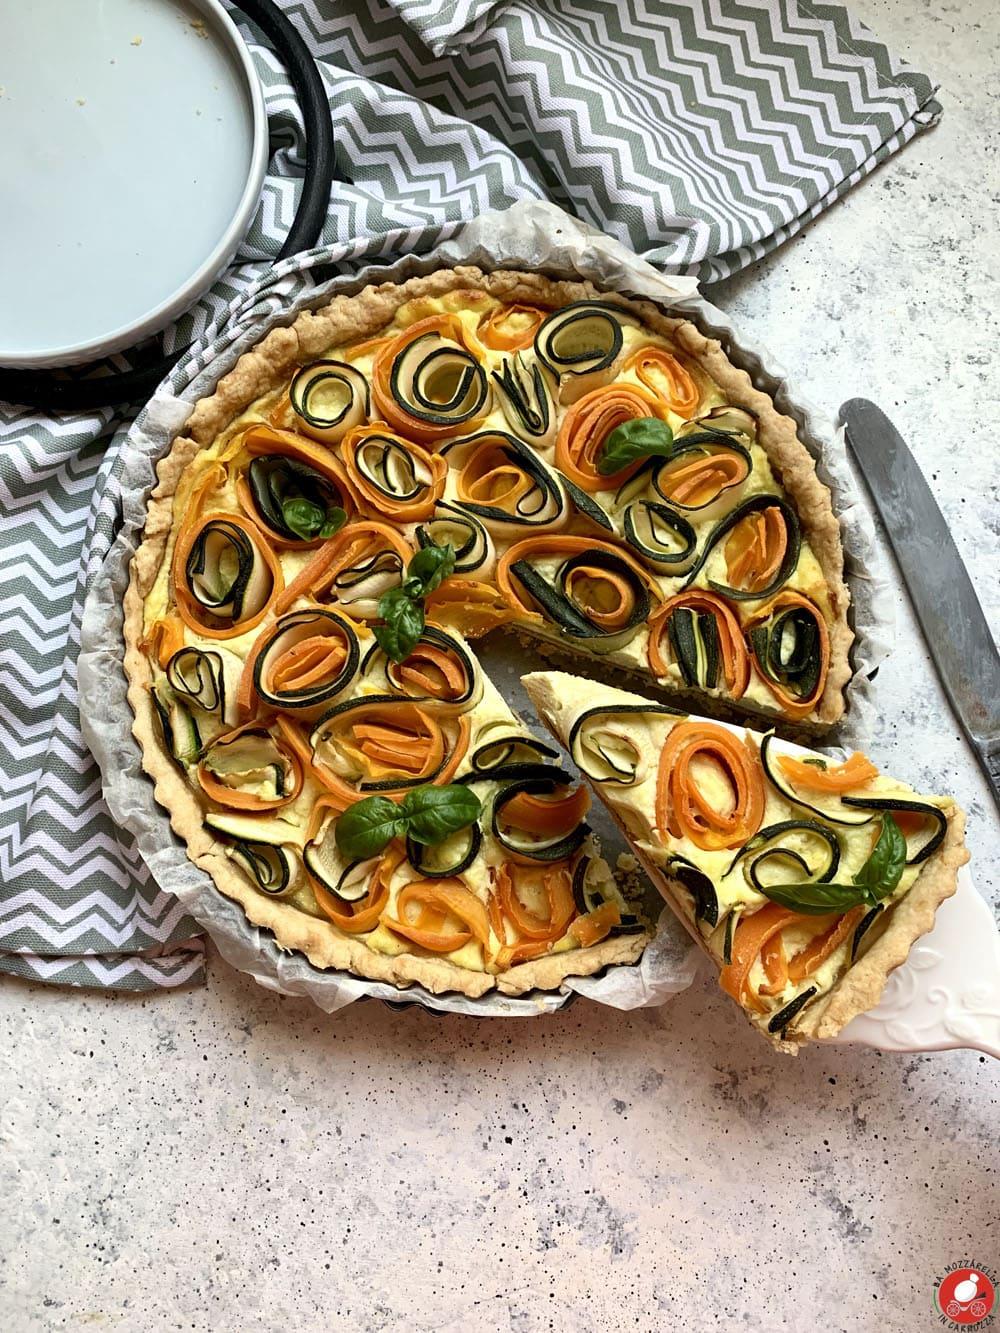 La Mozzarella in Carrozza - Torta salata con rose di zucchine e carote